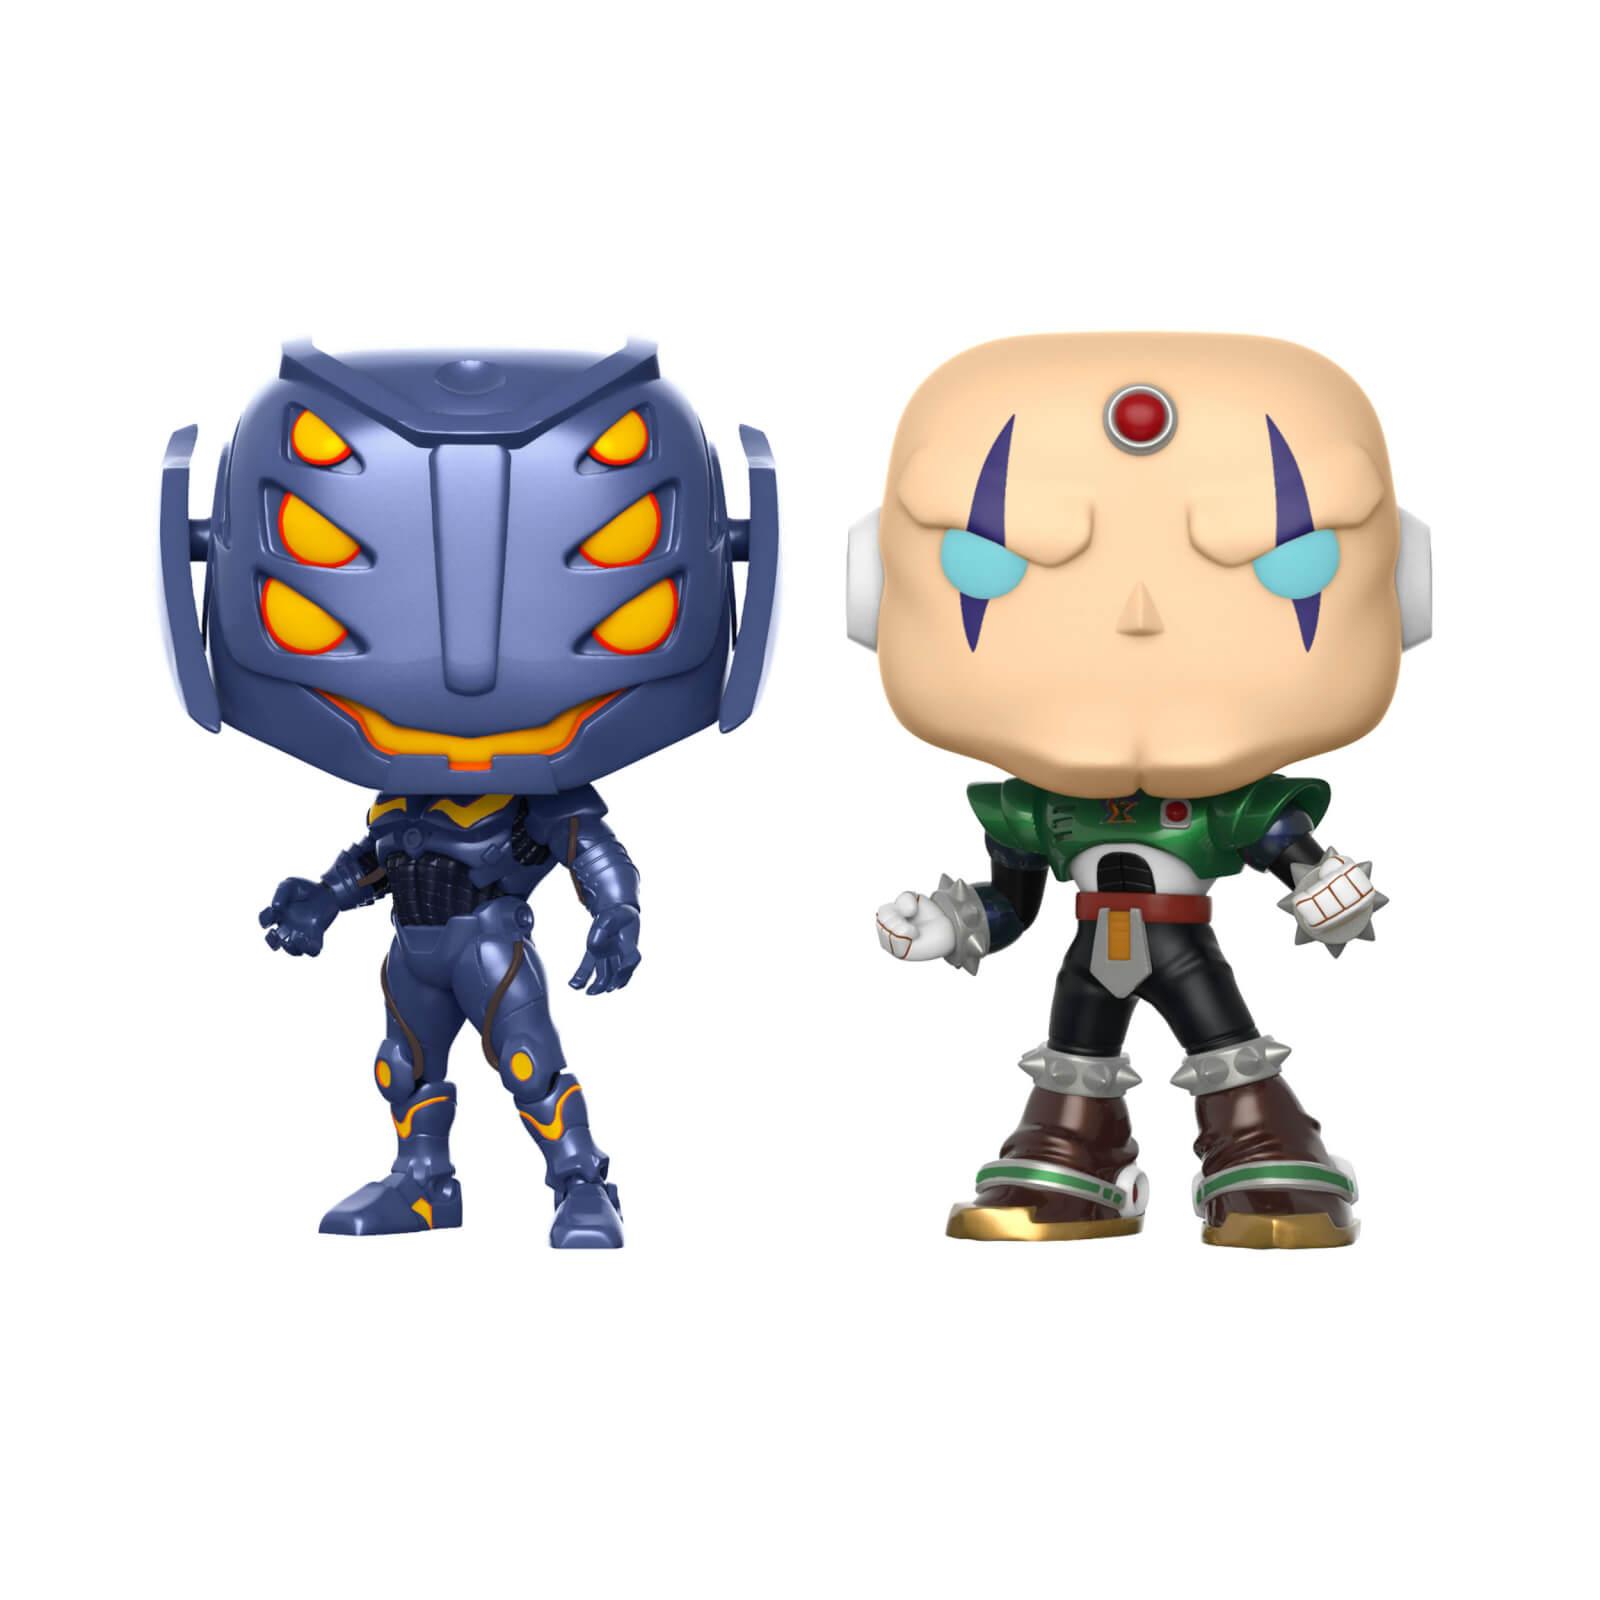 Pack 2 Figuras Pop! Vinyl Ultrón vs. Sigma - Marvel vs Capcom